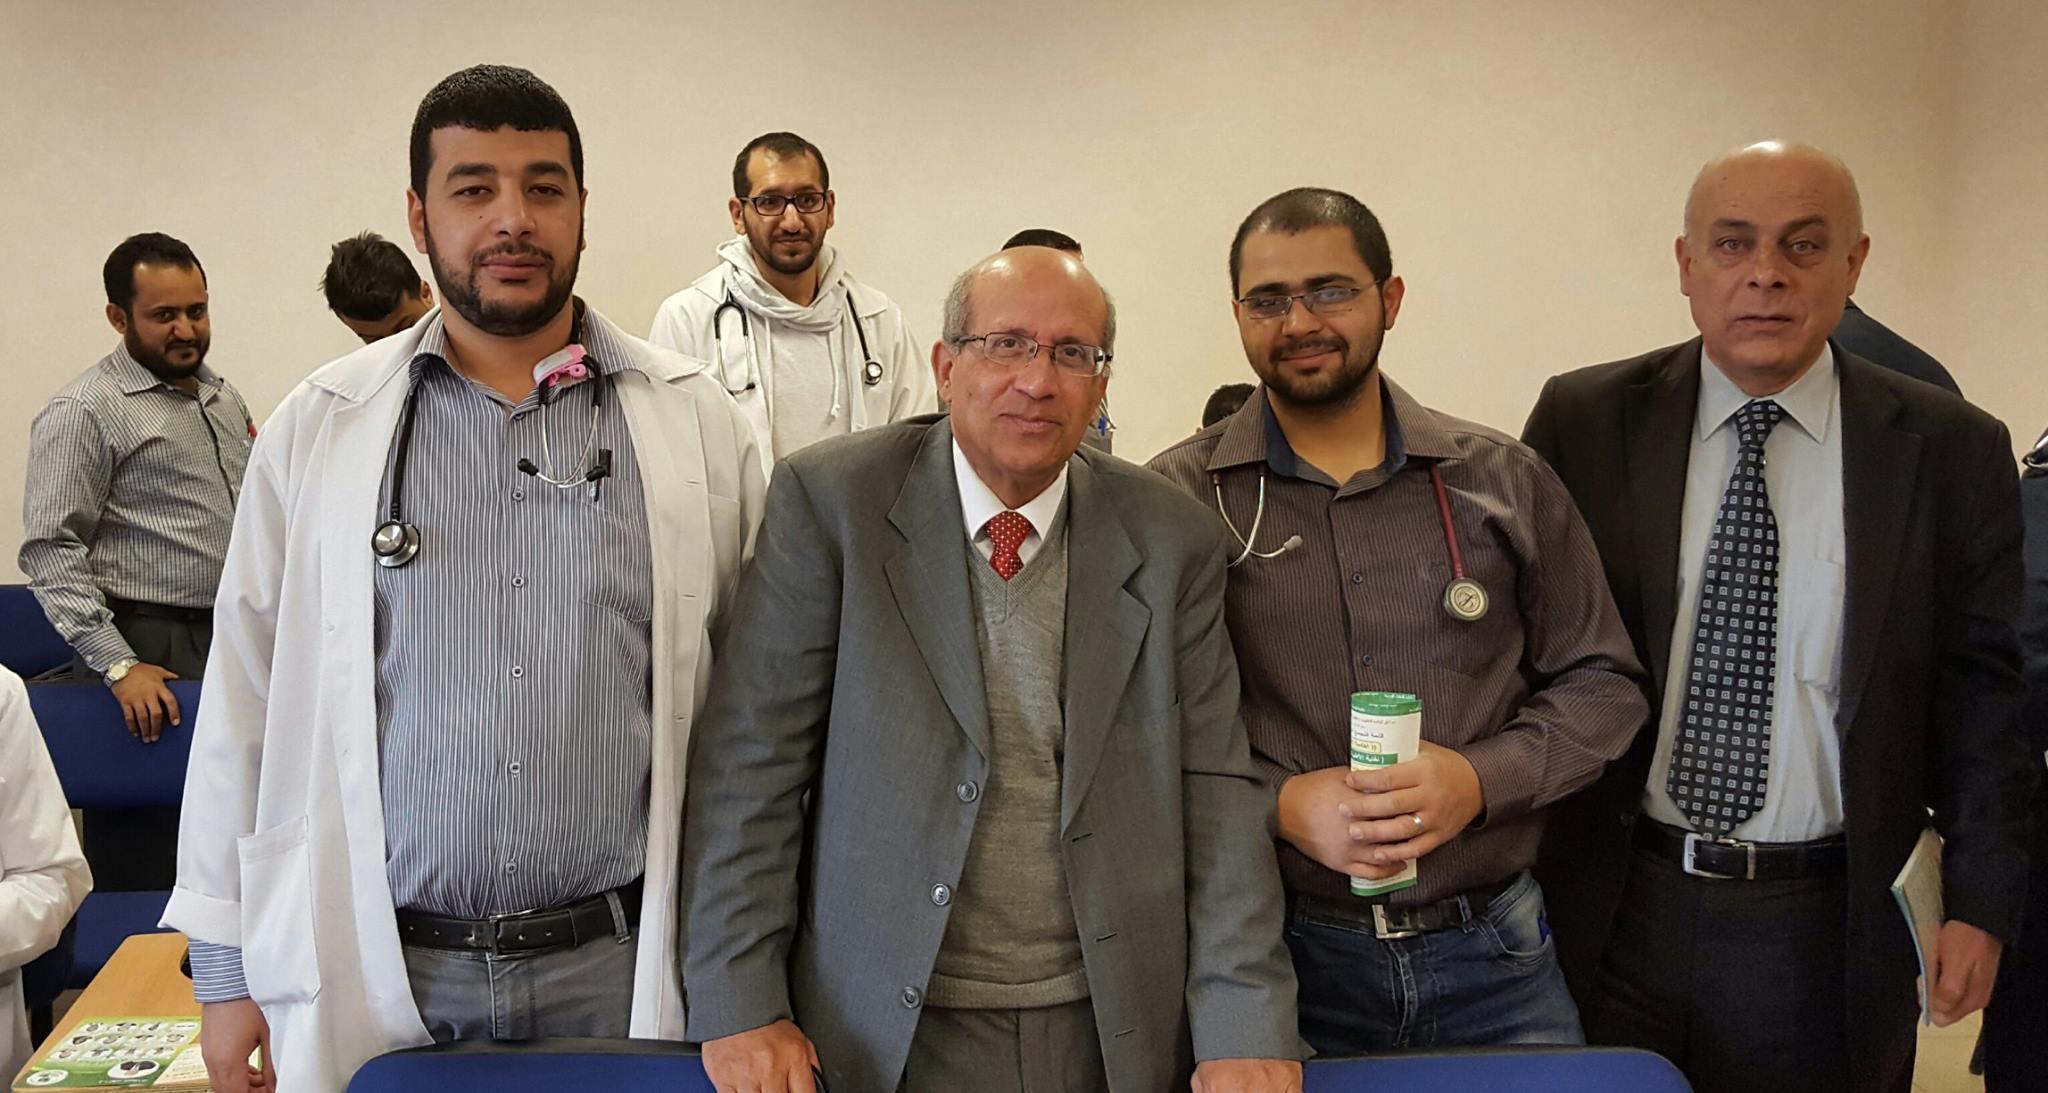 جوله القائمه الخضراء صباح يوم الاثنين 18–4–2016 في اقسام مستشفى البشير